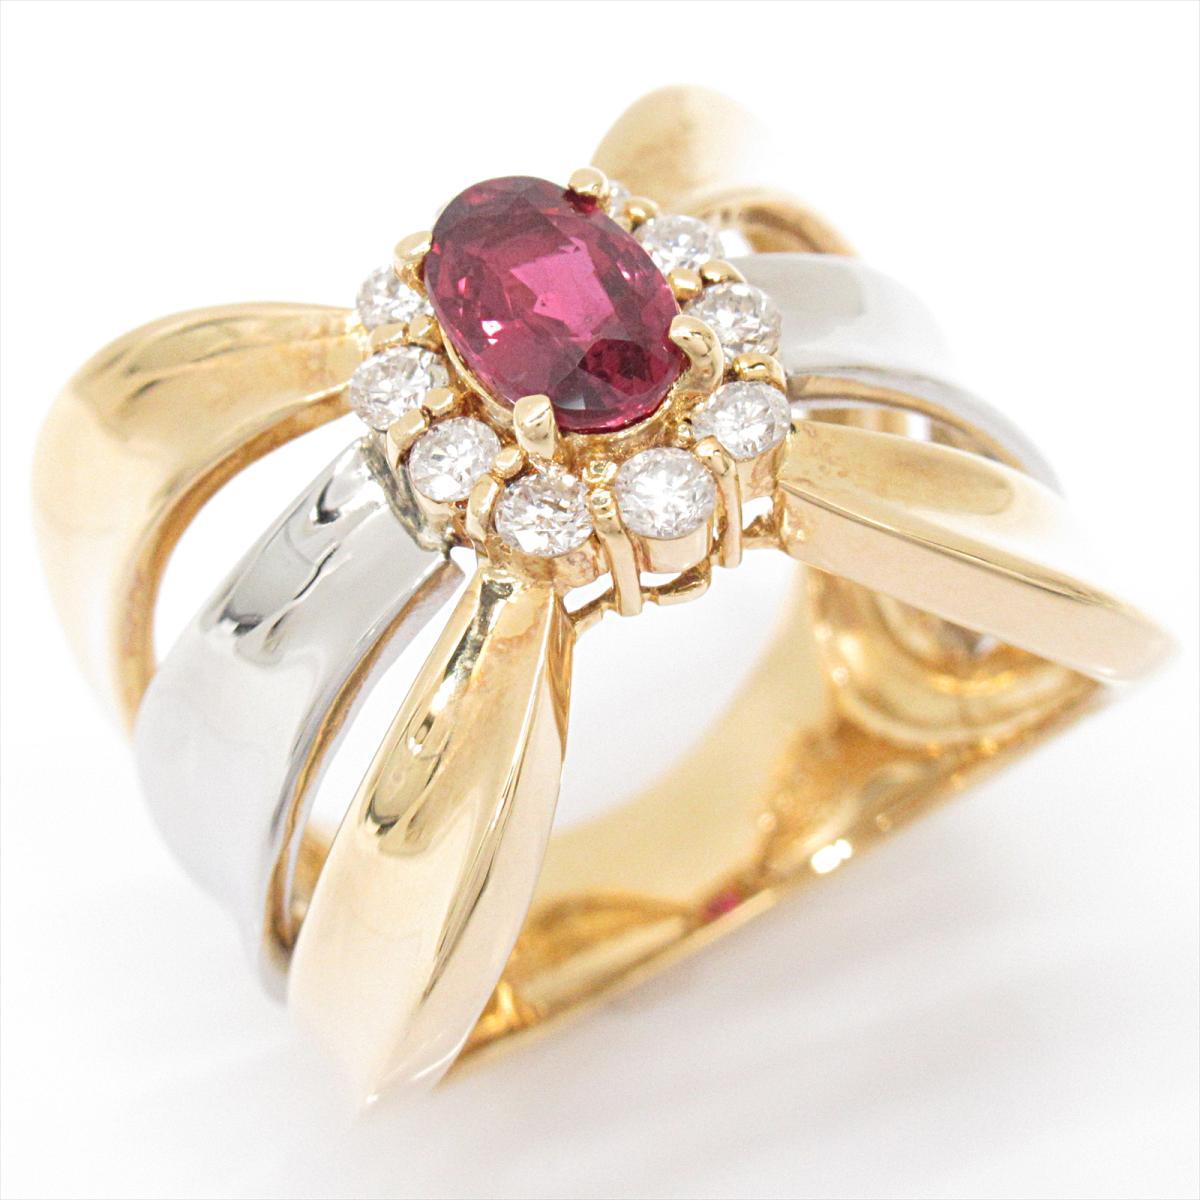 【中古】 ジュエリー ルビー リング 指輪 レディース K18YG (750) イエローゴールド x PT900 (プラチナ) ダイヤモンド   JEWELRY BRANDOFF ブランドオフ ブランド アクセサリー